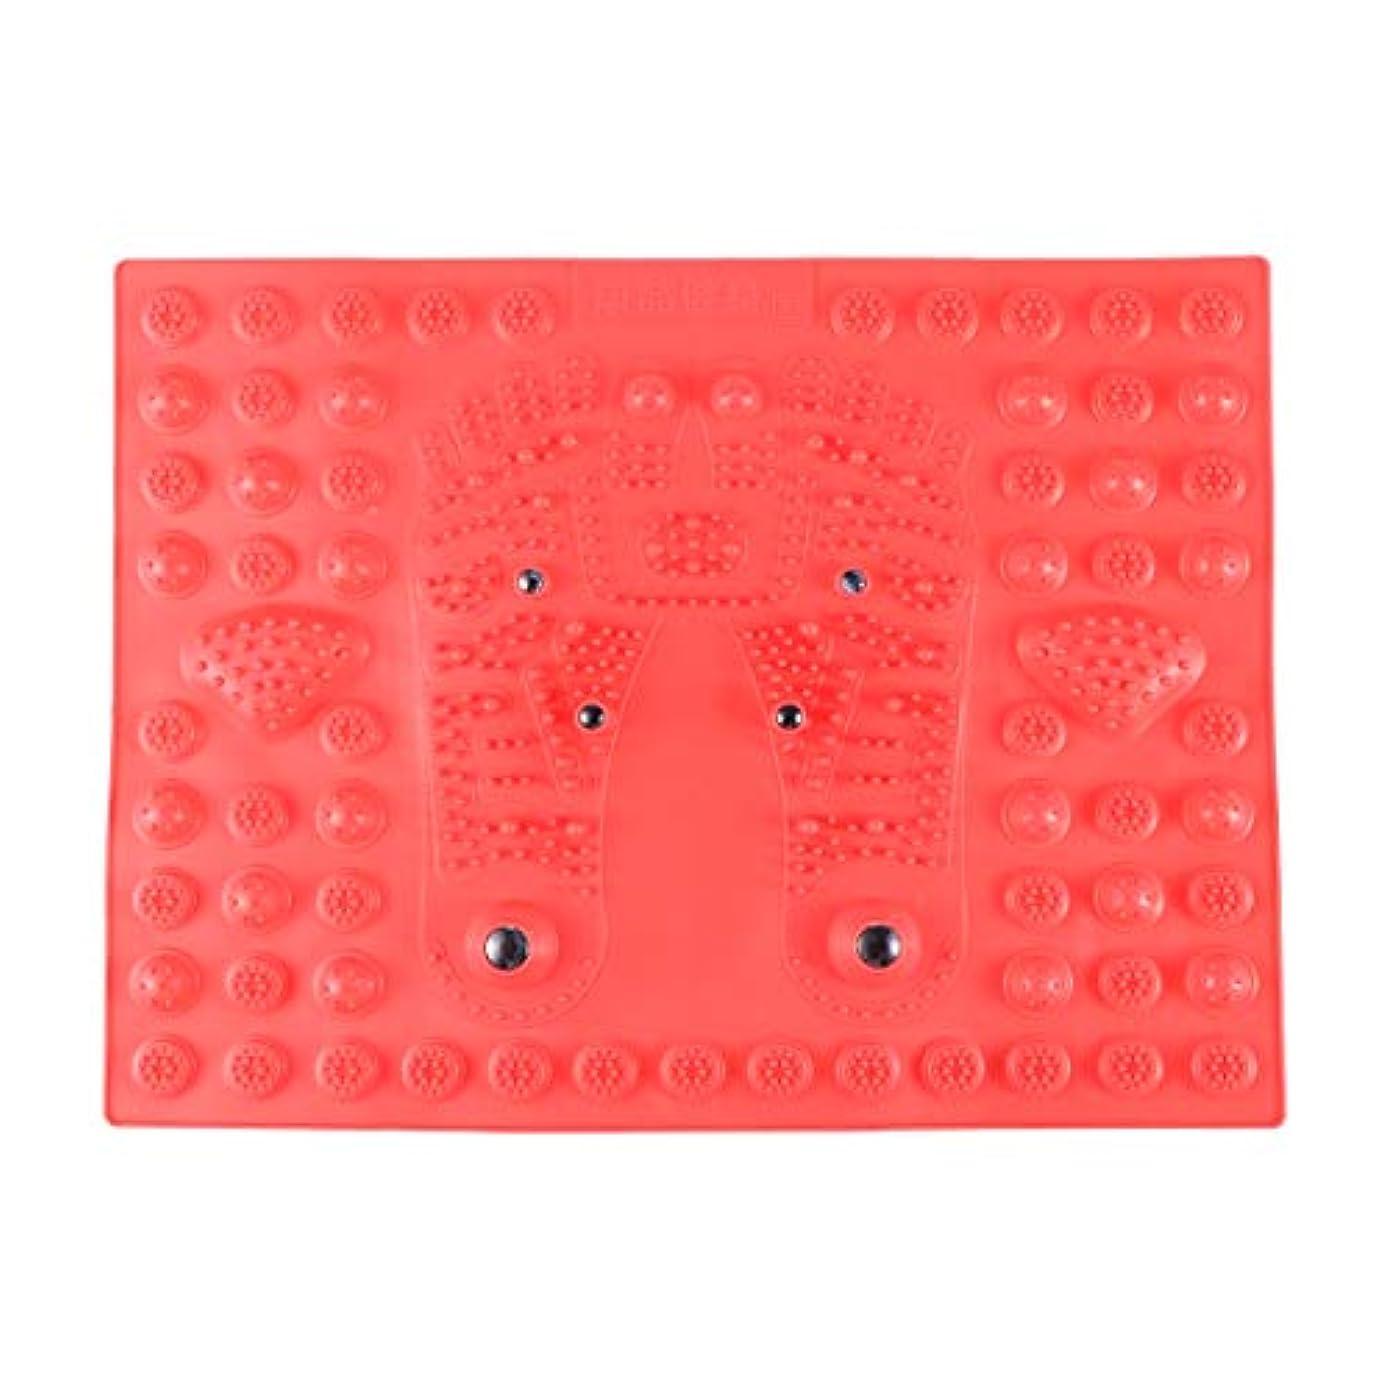 開業医ノーブル溶けるHealifty 指圧フットマットフット磁気療法マッサージャーガーデンマッサージパッド(レッド)